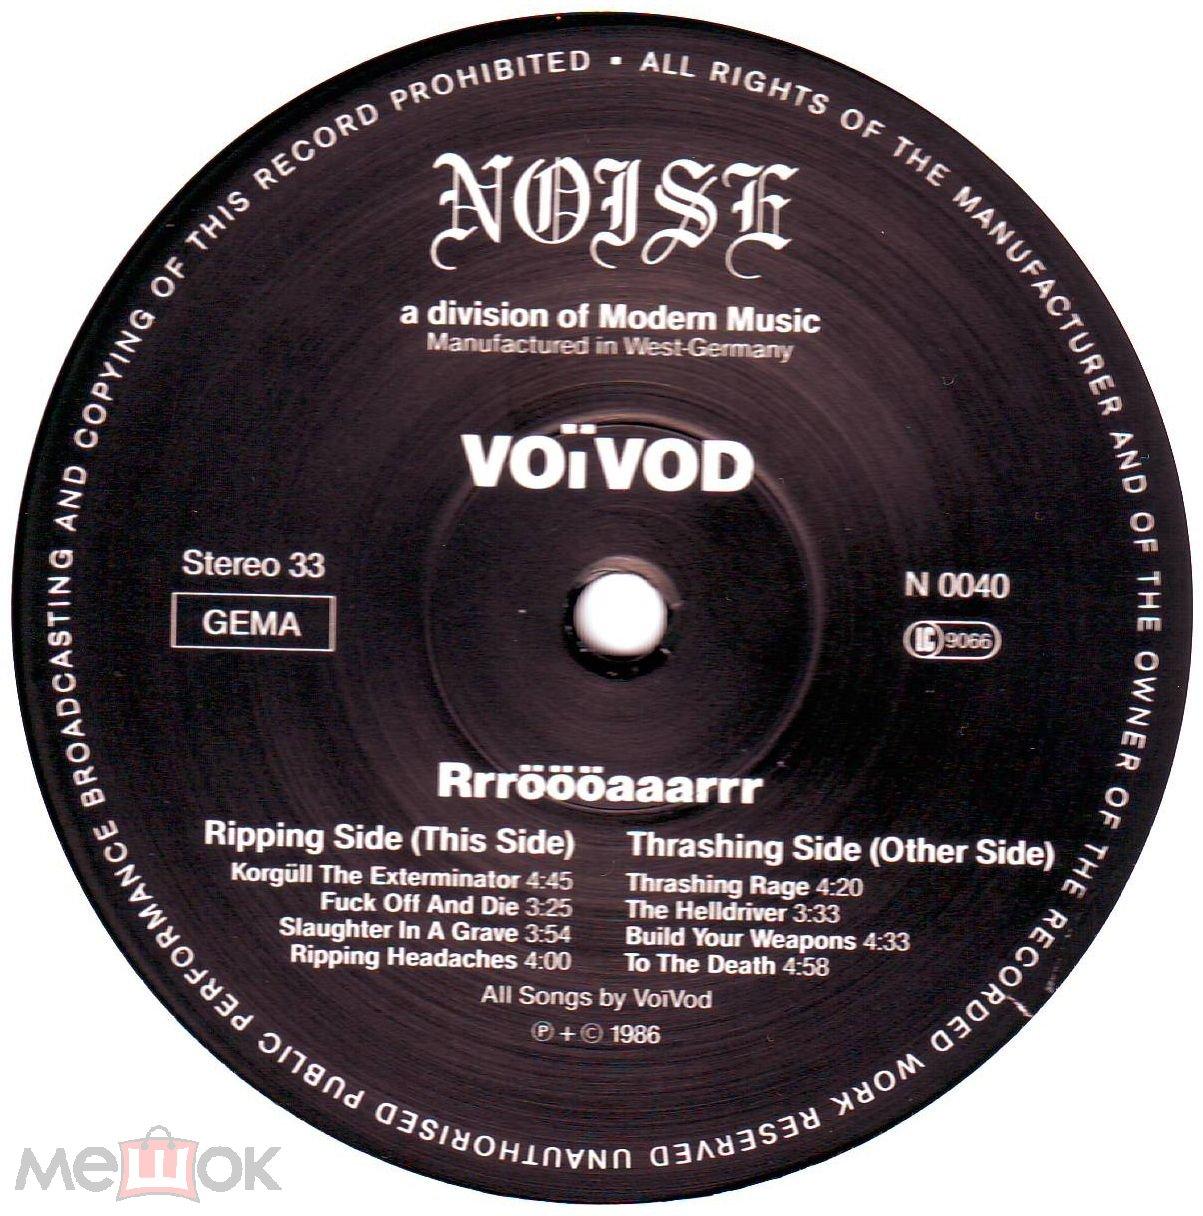 Voivod 86  RRROOOAAARRR  LP